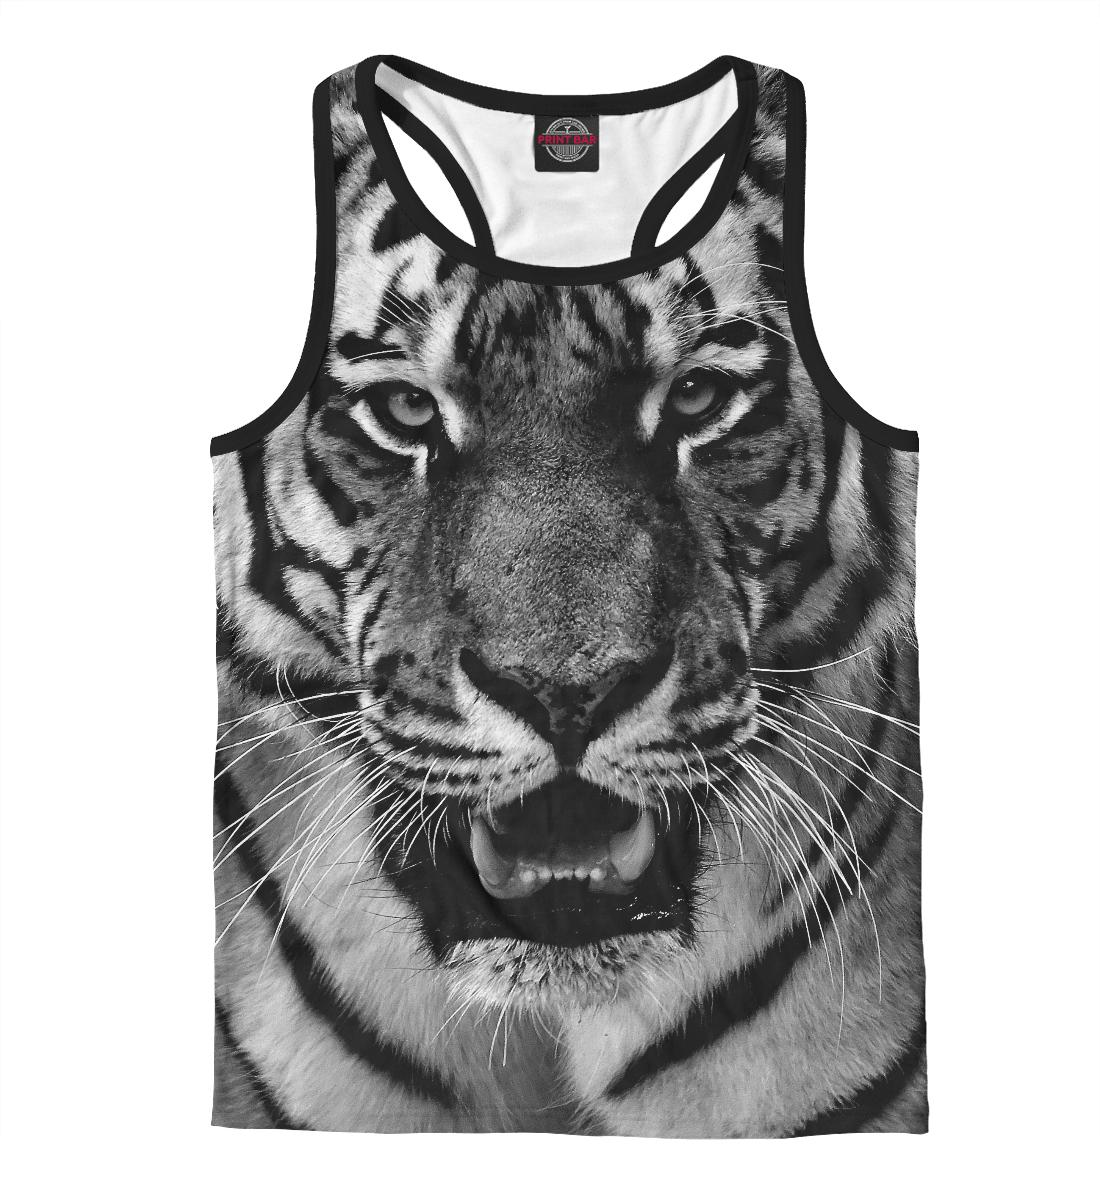 Купить Тигр, Printbar, Майки борцовки, HIS-171967-mayb-2